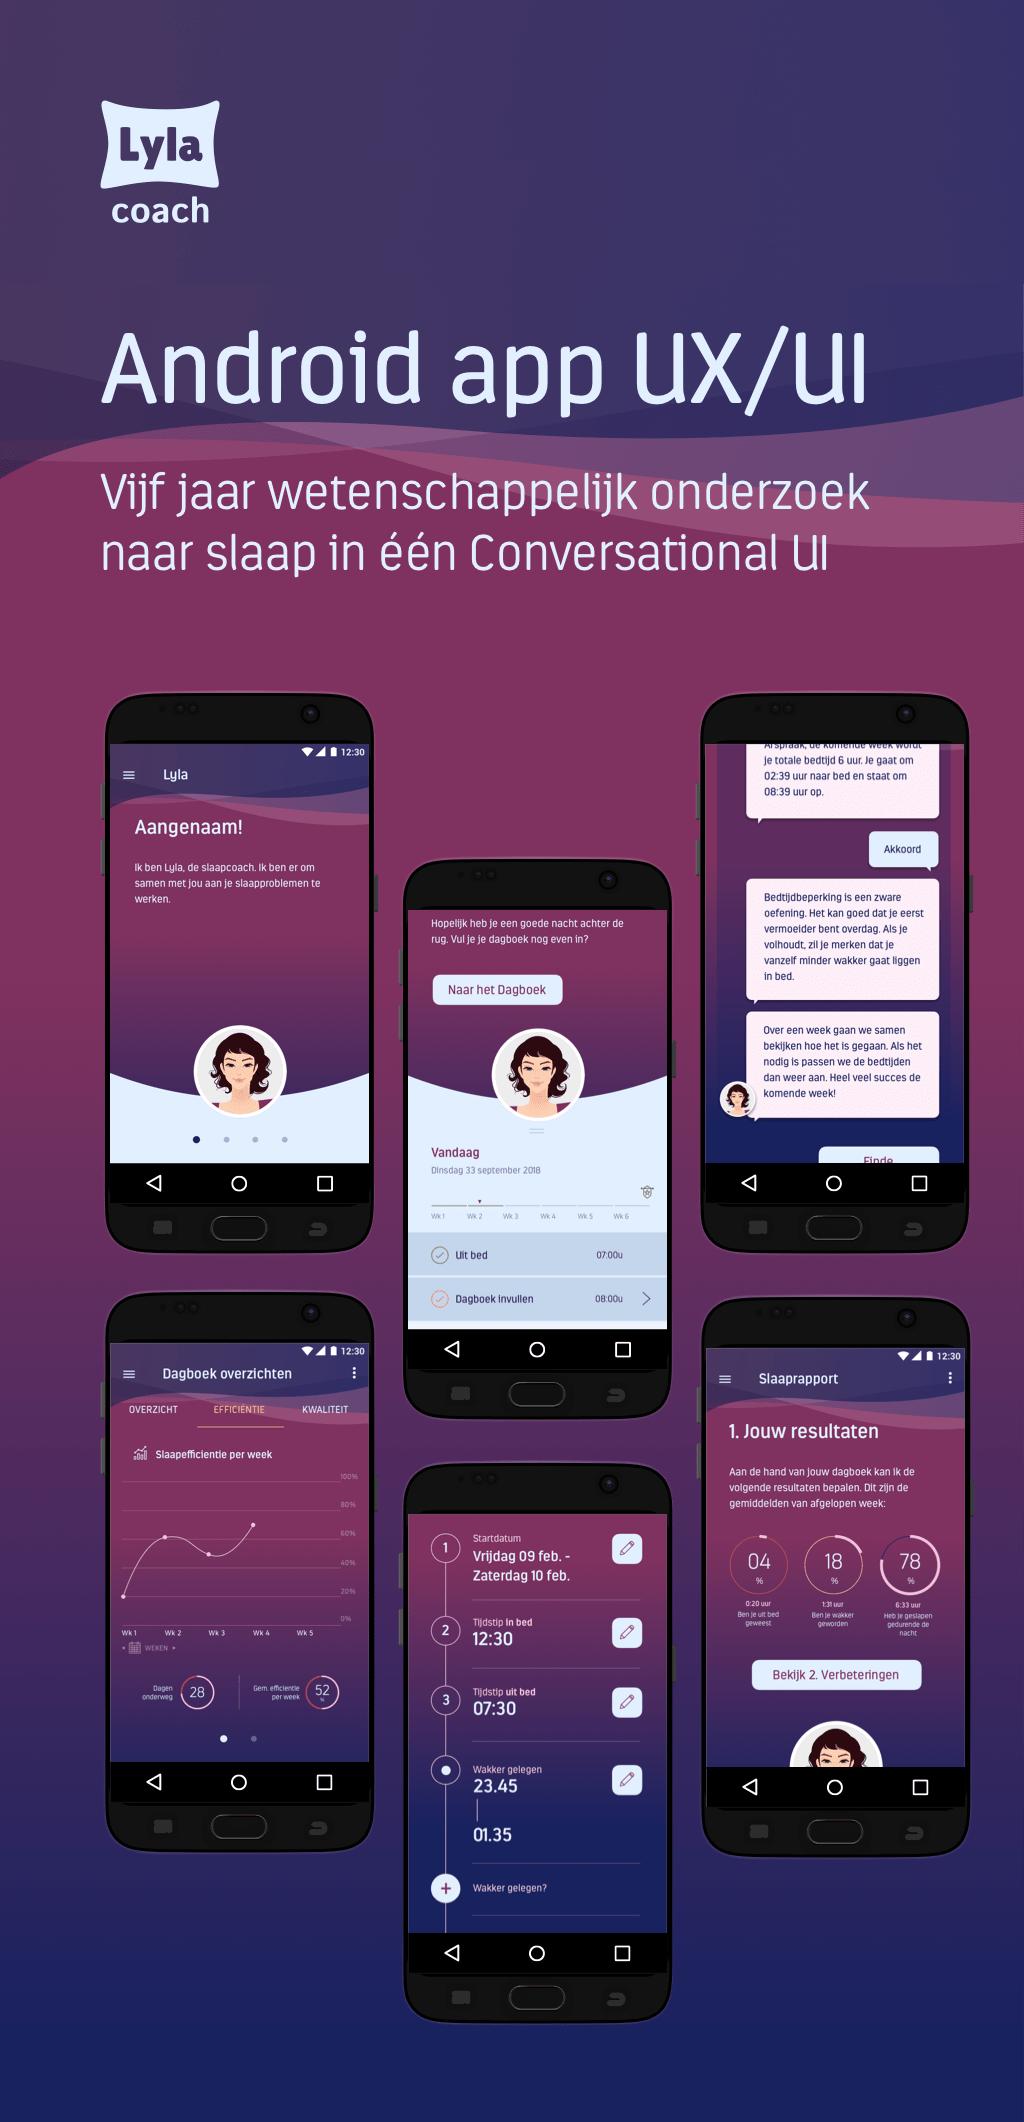 Afb 1 van 3 - Conversational UI Design voor Lyla Coach - Een app die met behulp van een Virtual Coach jouw slaapproblemen aanpakt en oplossingen aandraagt - User Experience Design (UX) en User Interface Design (UI)